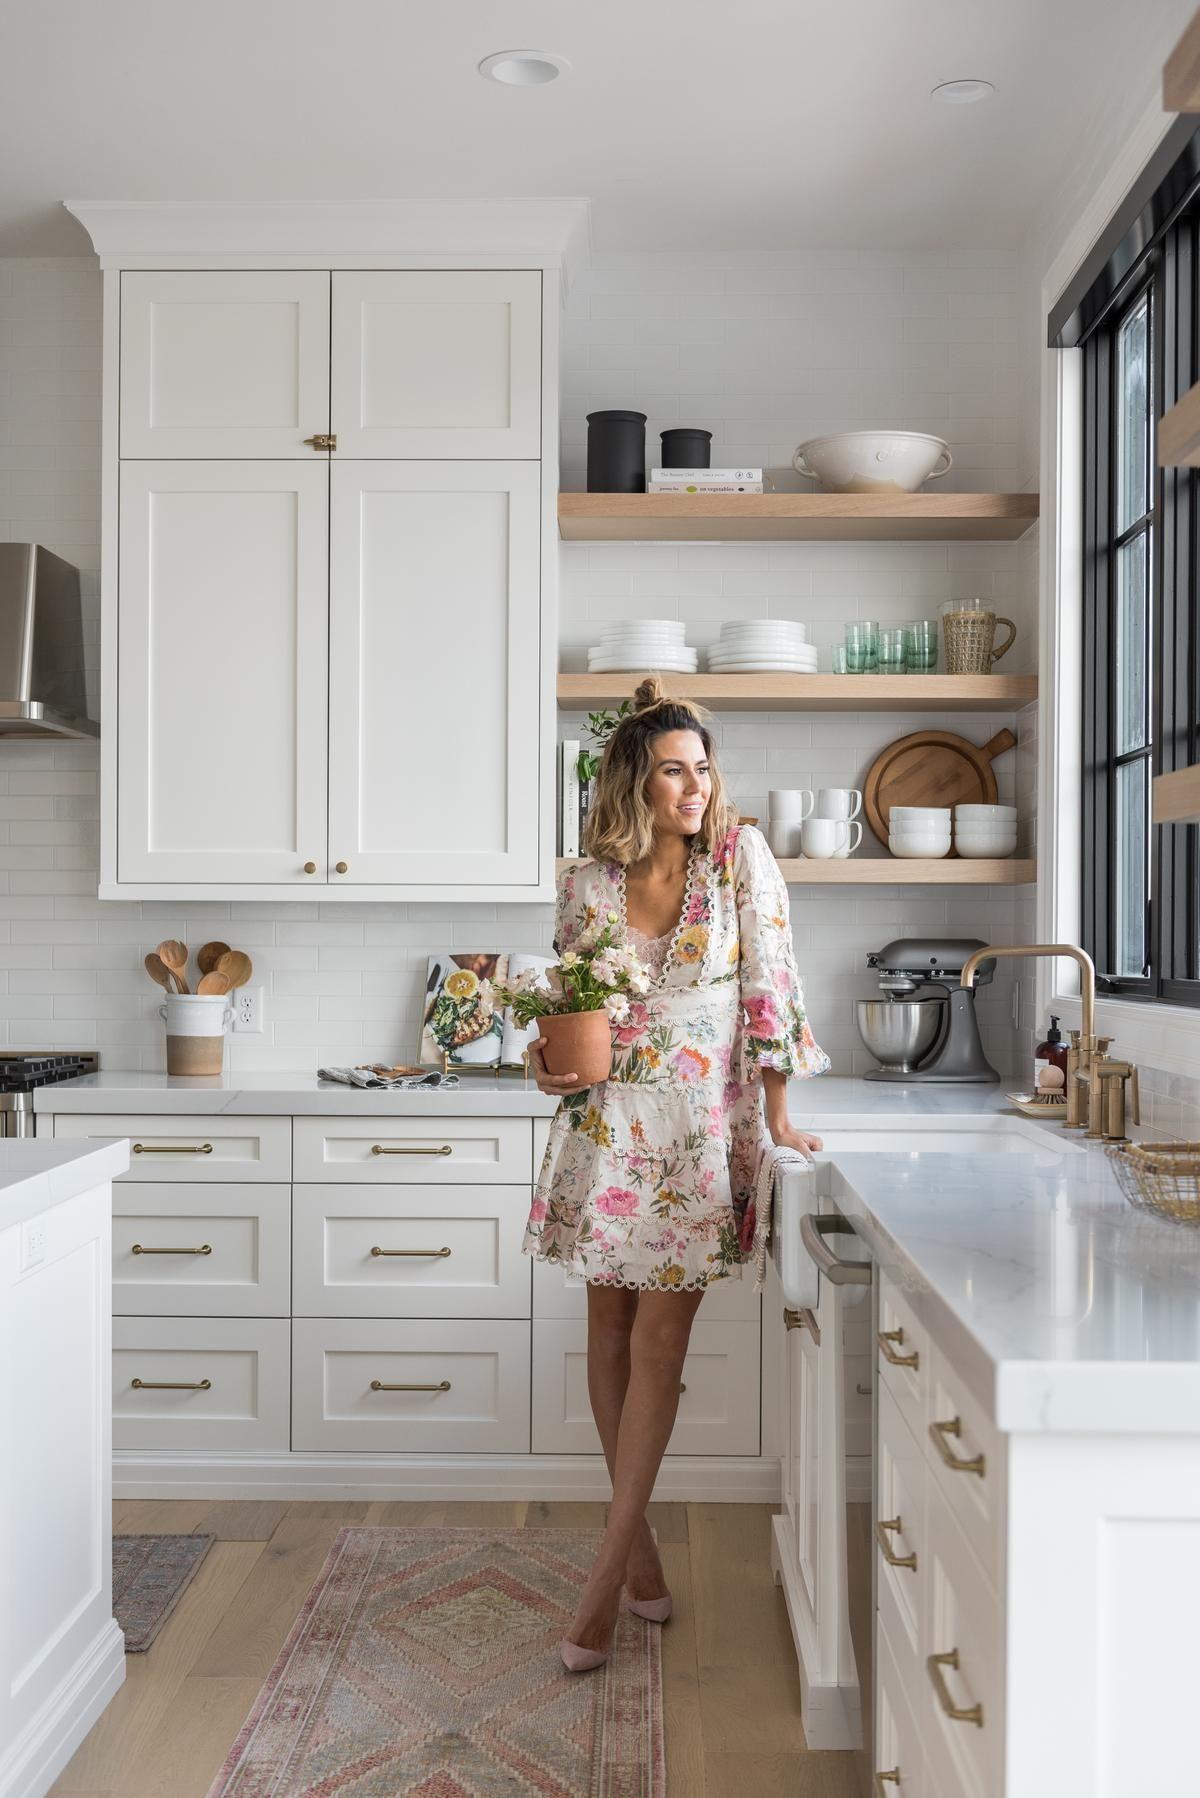 Redoing Eine Küche für eine Familie von 9   Diy kitchen remodel ...